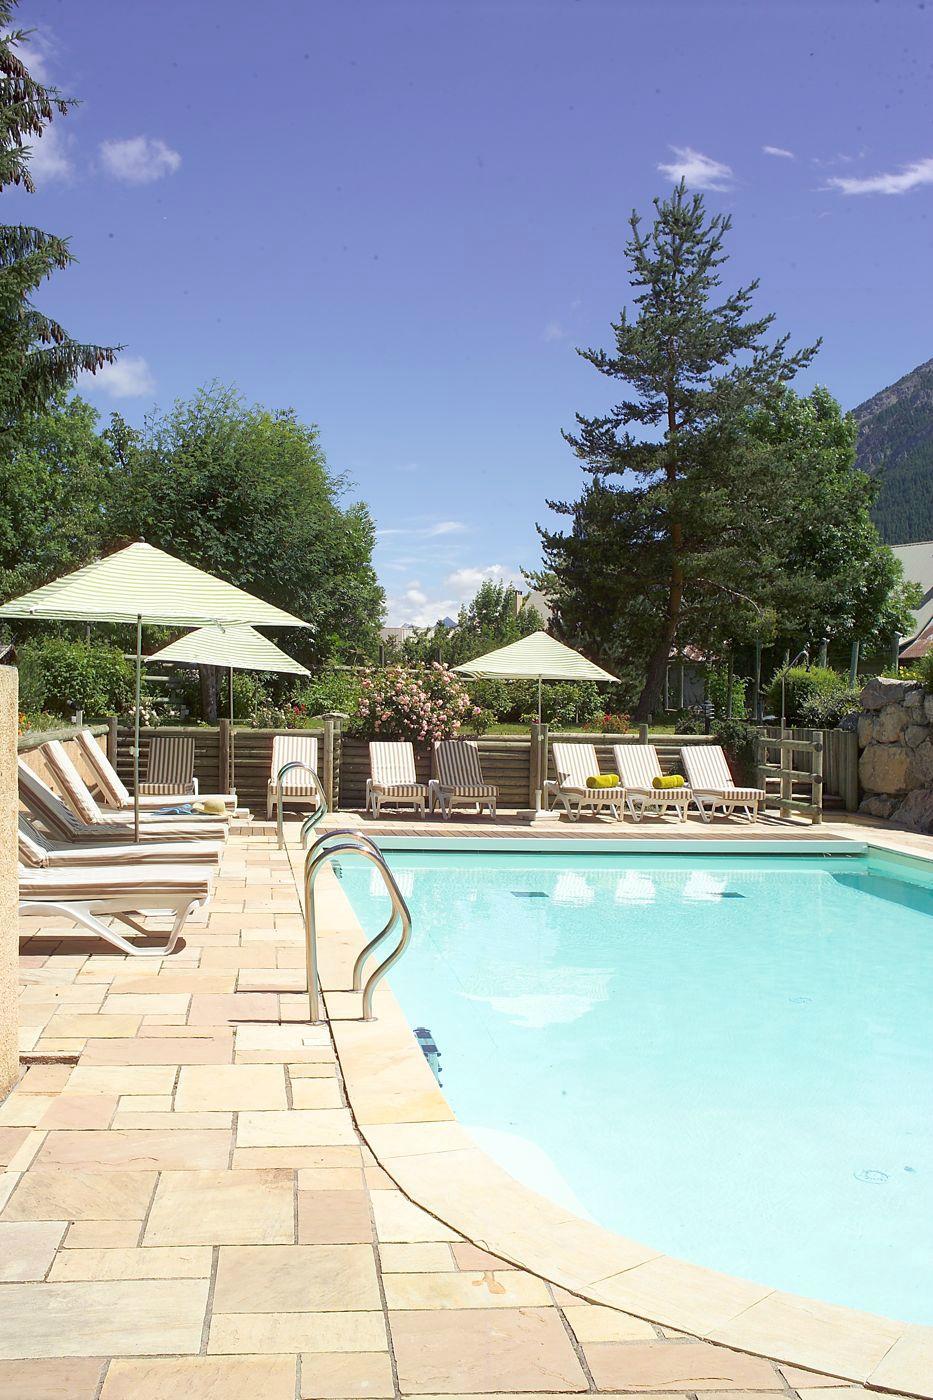 Hotel Alliey Spa Piscine Le Monetier Les Bains France